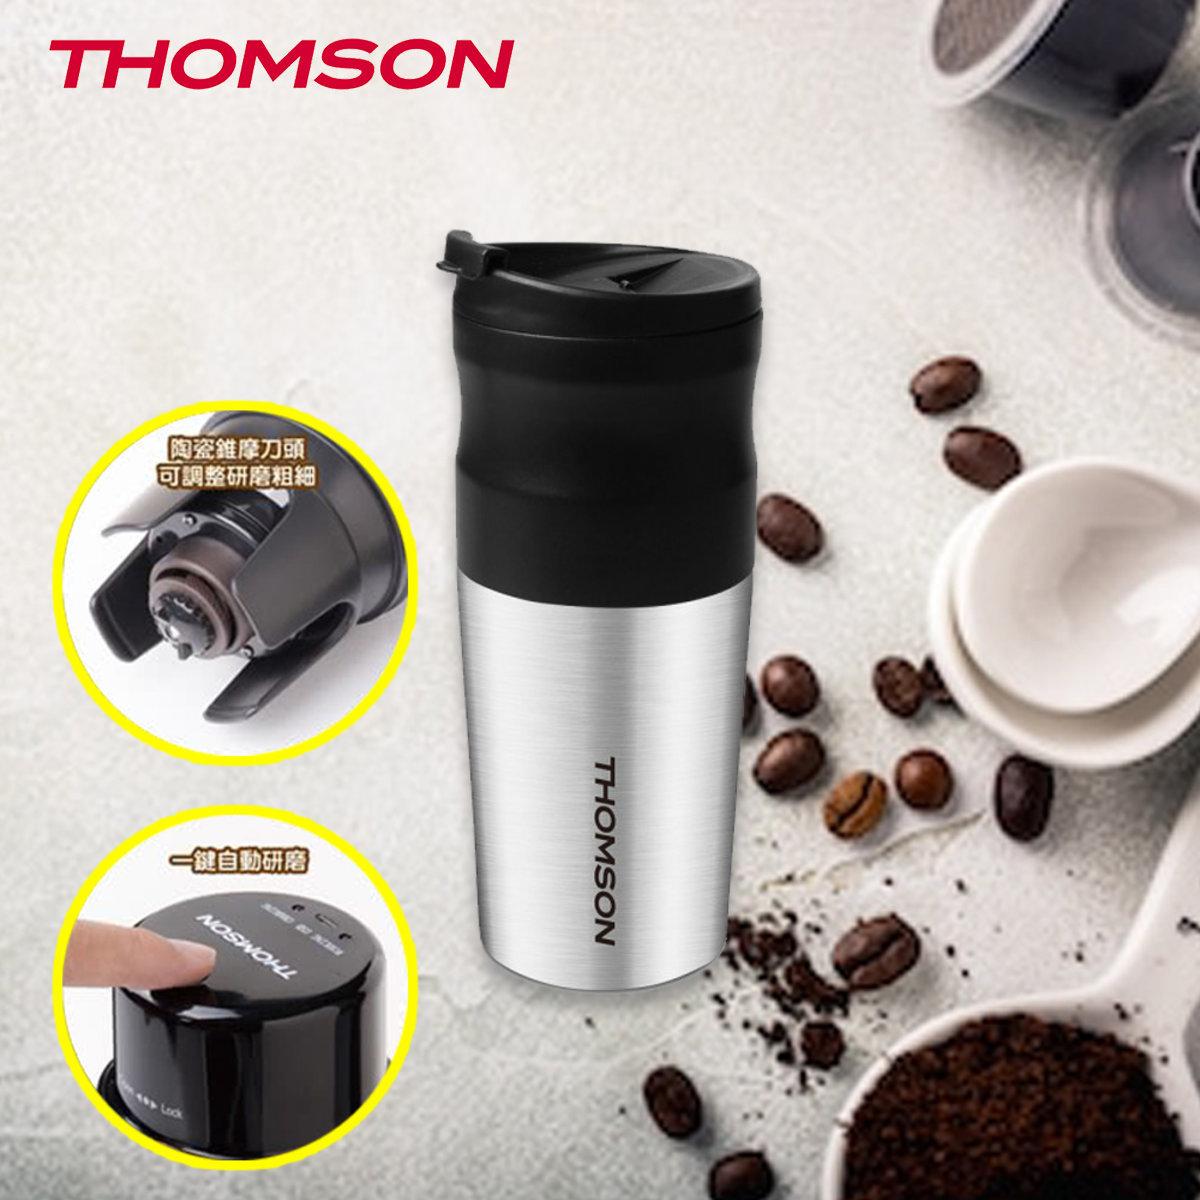 Portable coffee machine - TM-SAL18GU